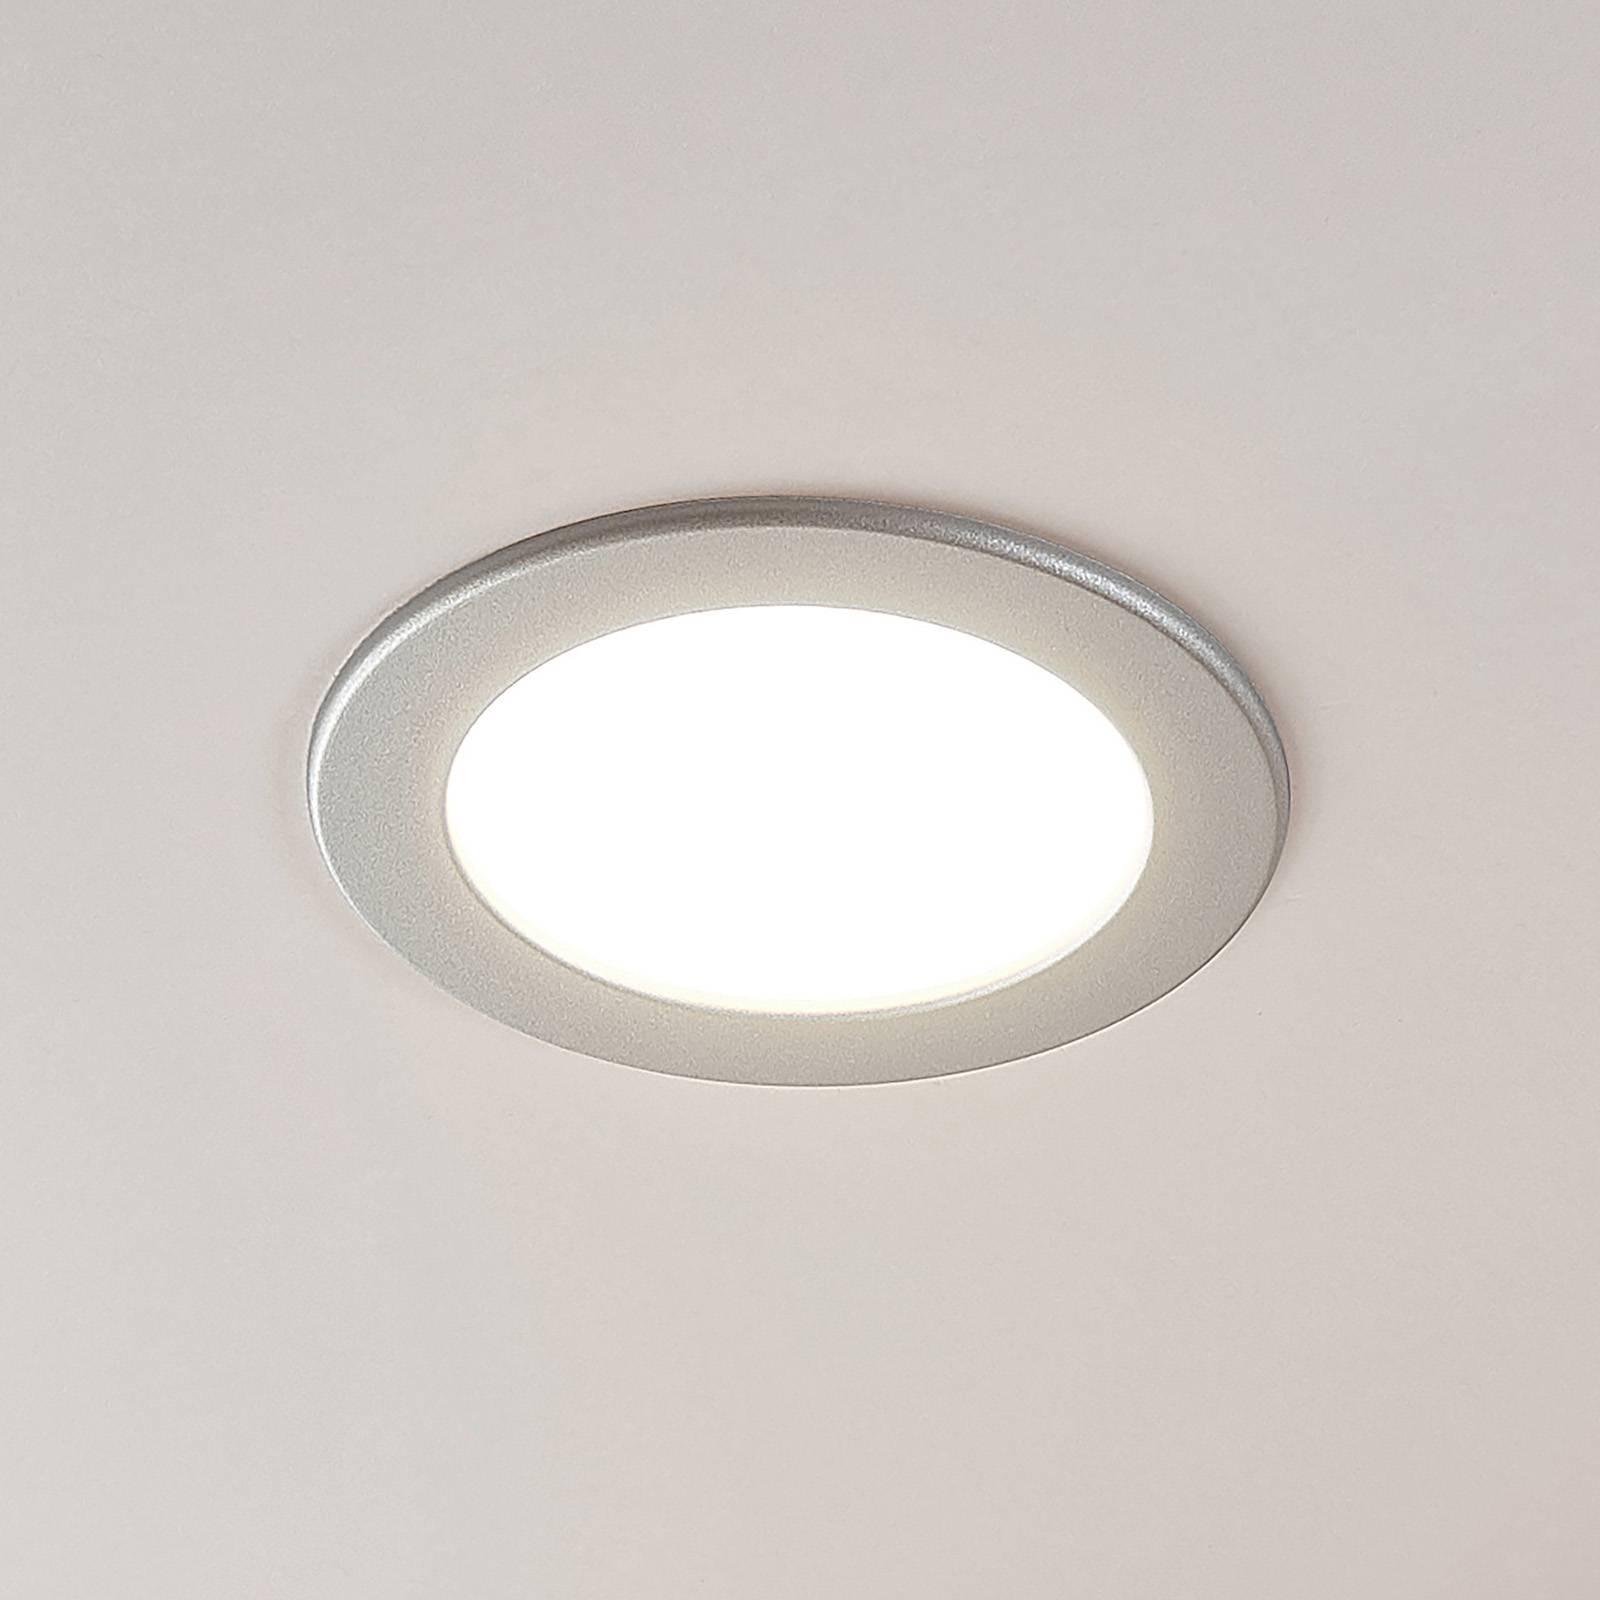 LED-kohdevalo Joki hopea 3 000 K pyöreä 17 cm